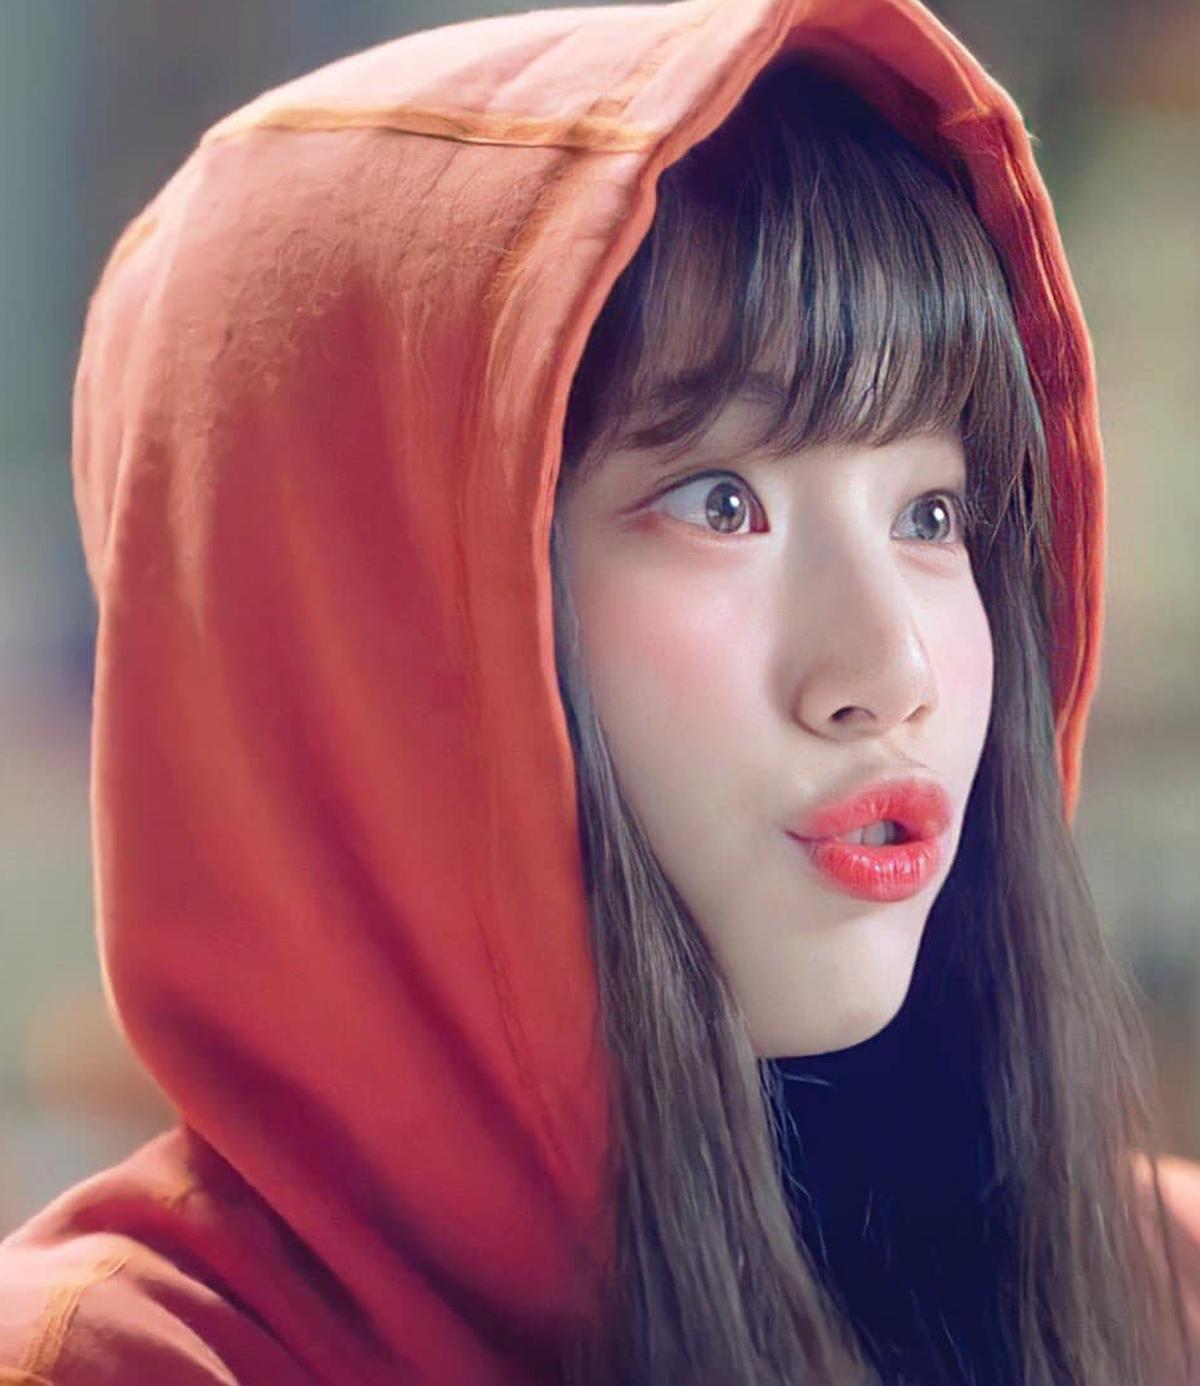 Nữ diễn viên thường tô son không quá bóng để tránh bị sến. Bên cạnh đó, cô cũng ưa chuộng các gam màu dễ chiều, dễ kết hợp trang phục như cam, hồng cam...